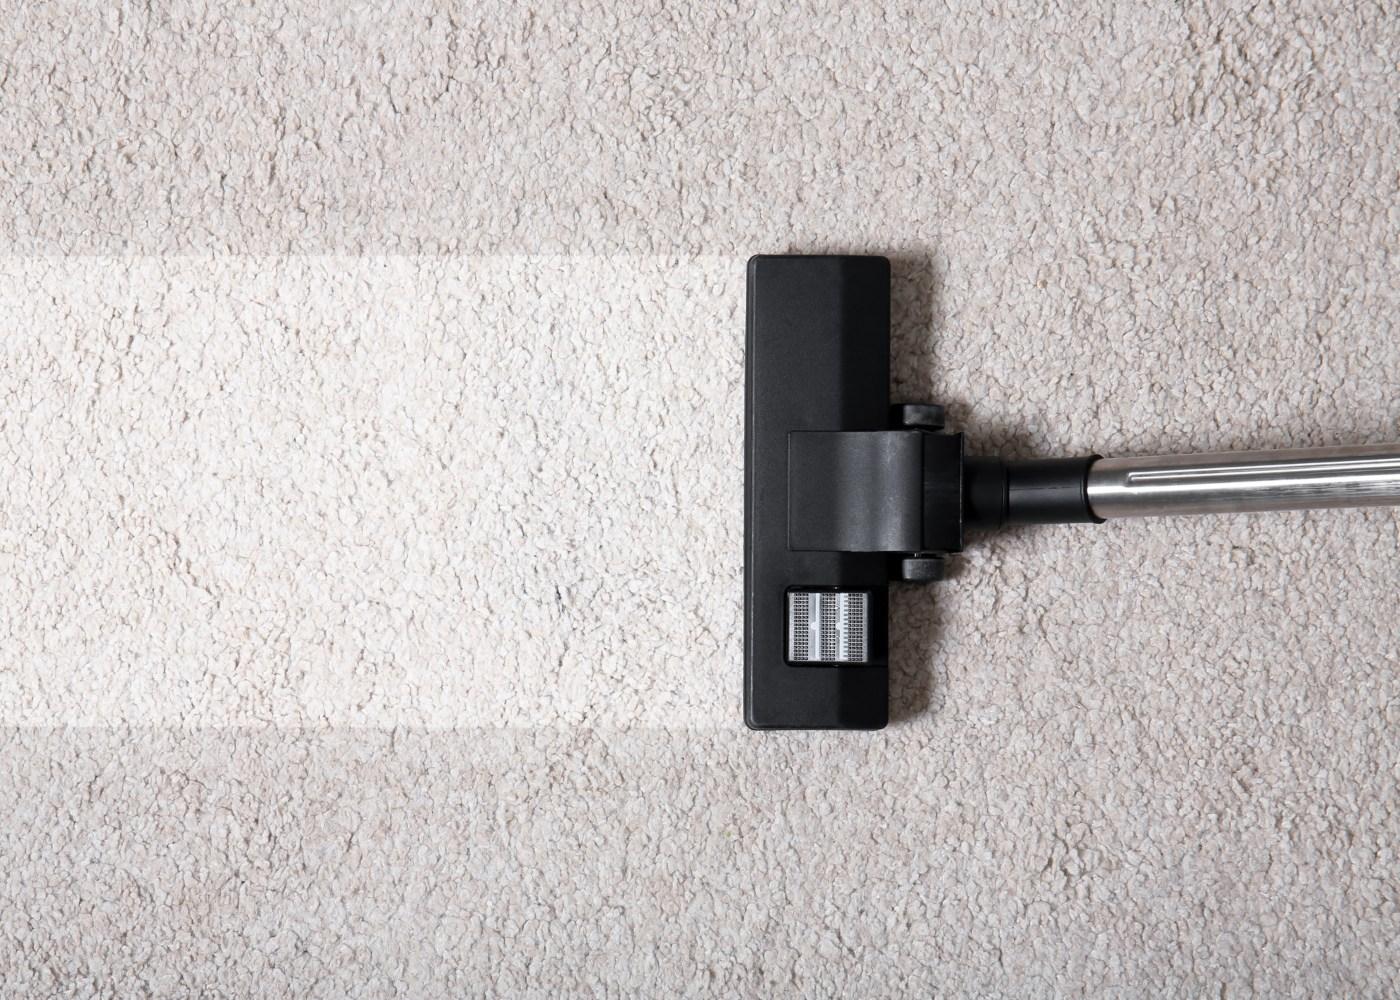 como limpar machas de carpetes com aspirador